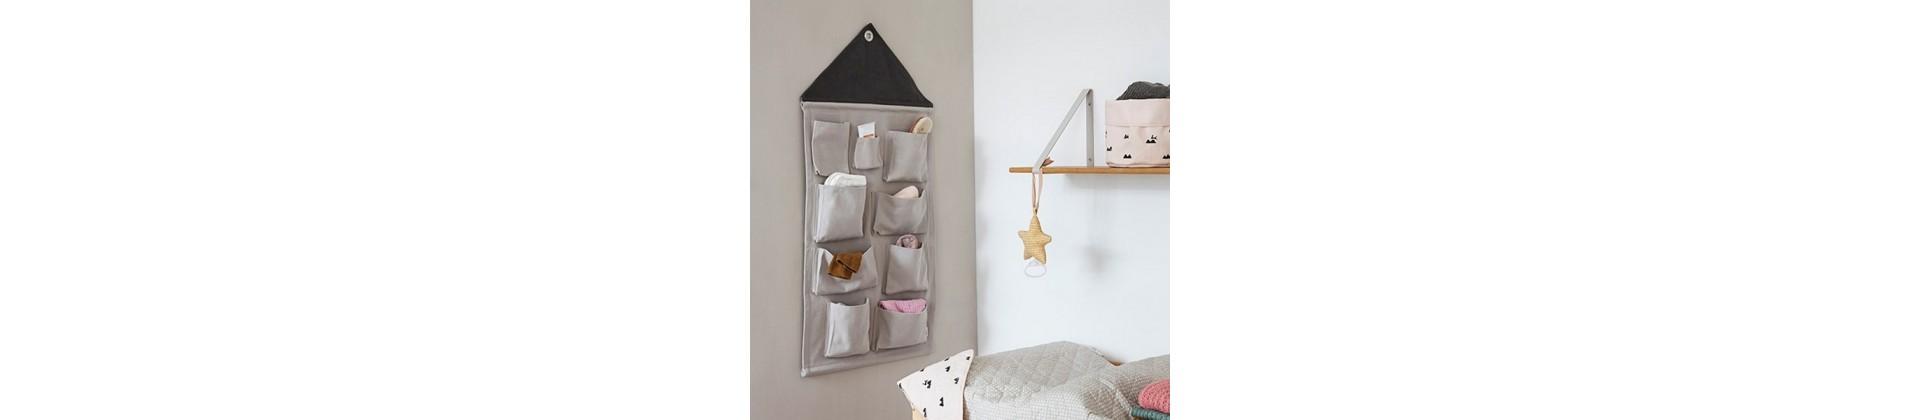 [Accessoire bébé] puériculture design pour chambre de bébé